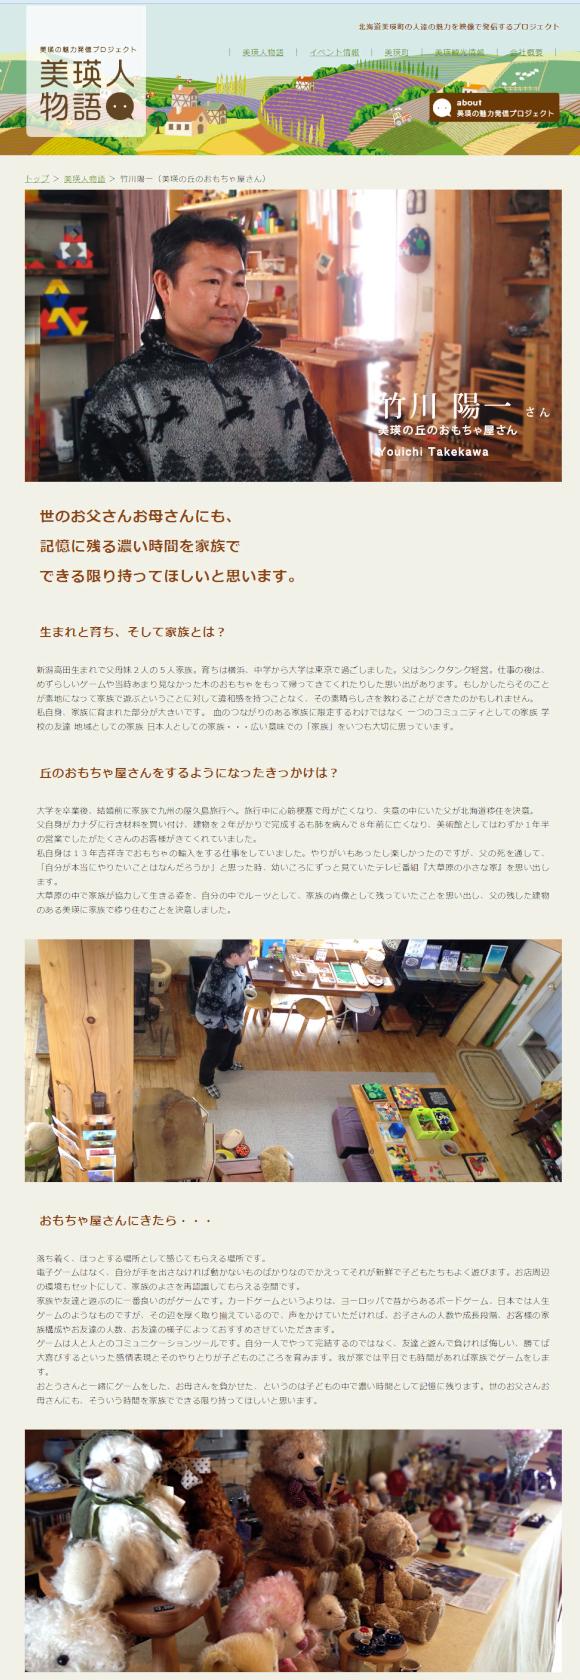 美瑛町の魅力発信プロジェクト